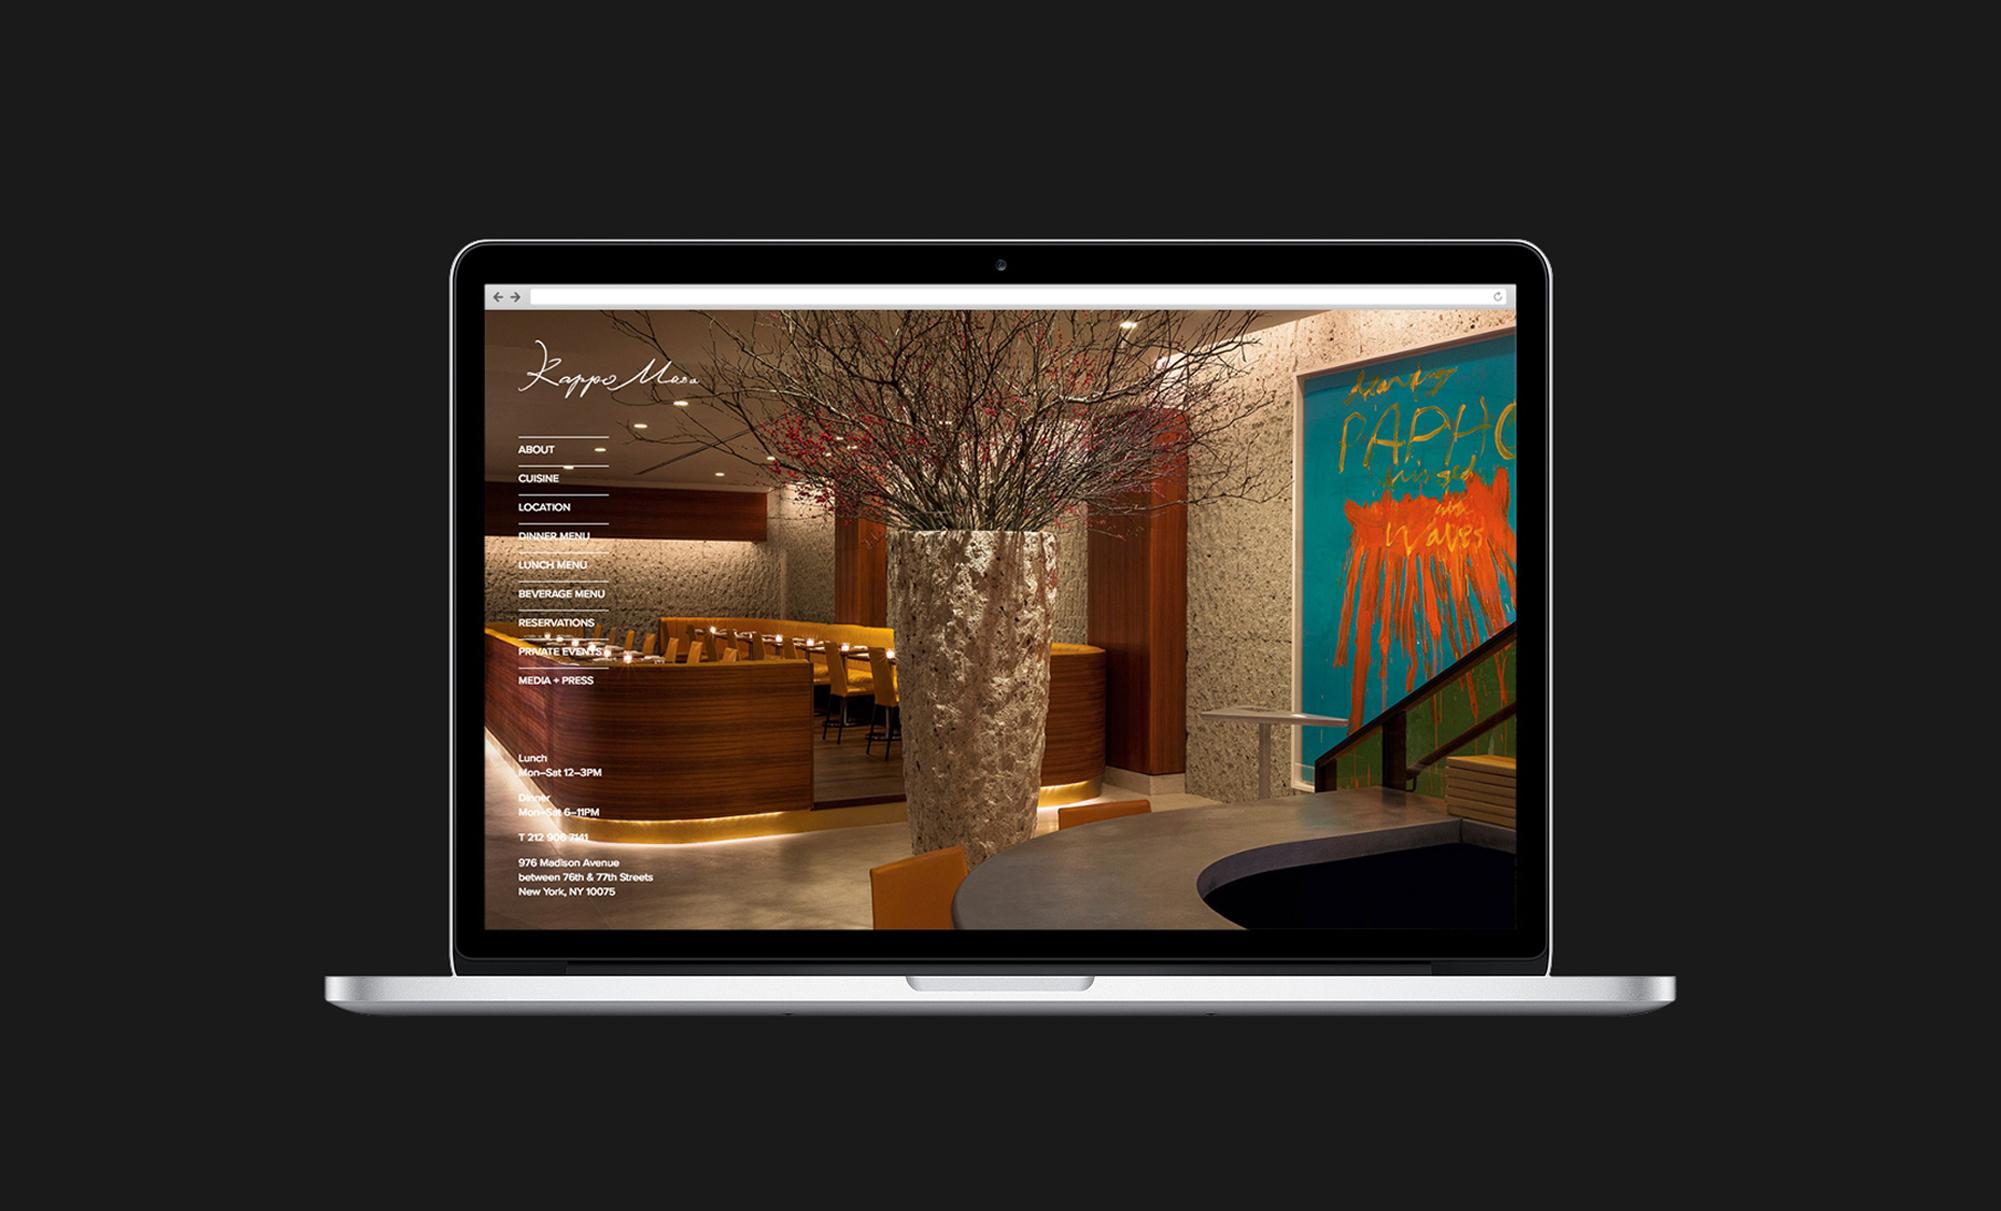 Kappo Masa web design